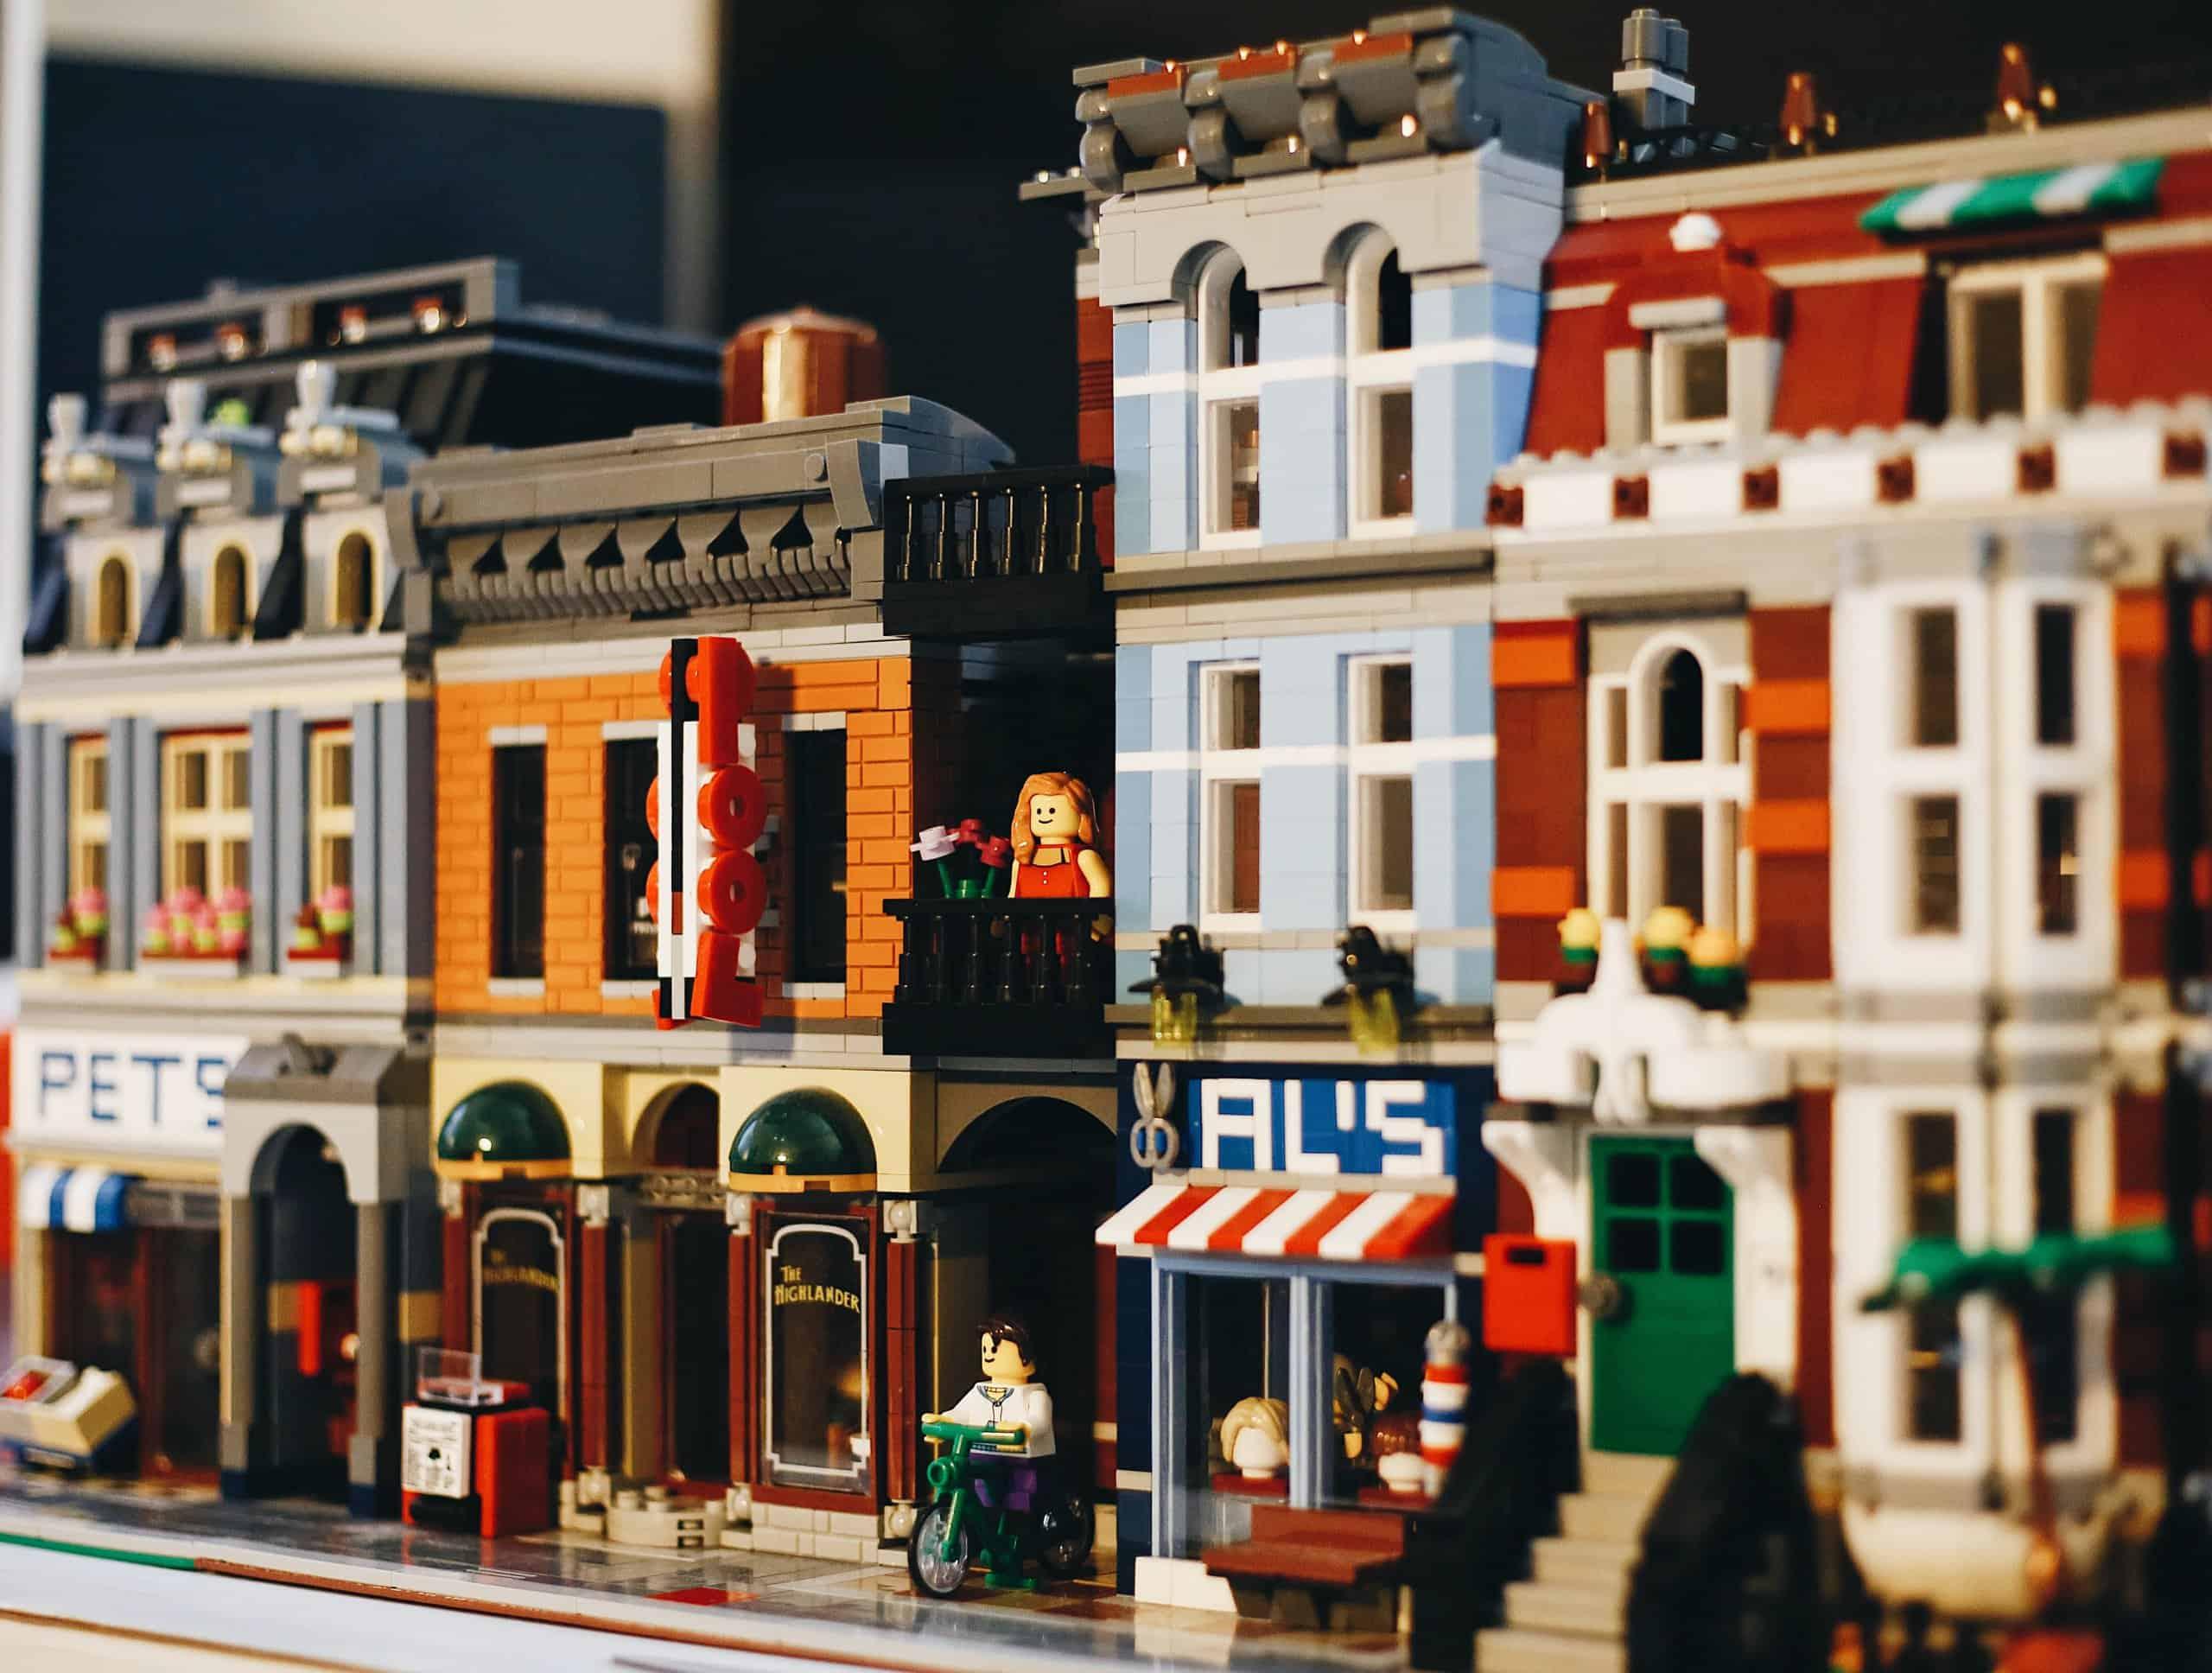 LEGO set values